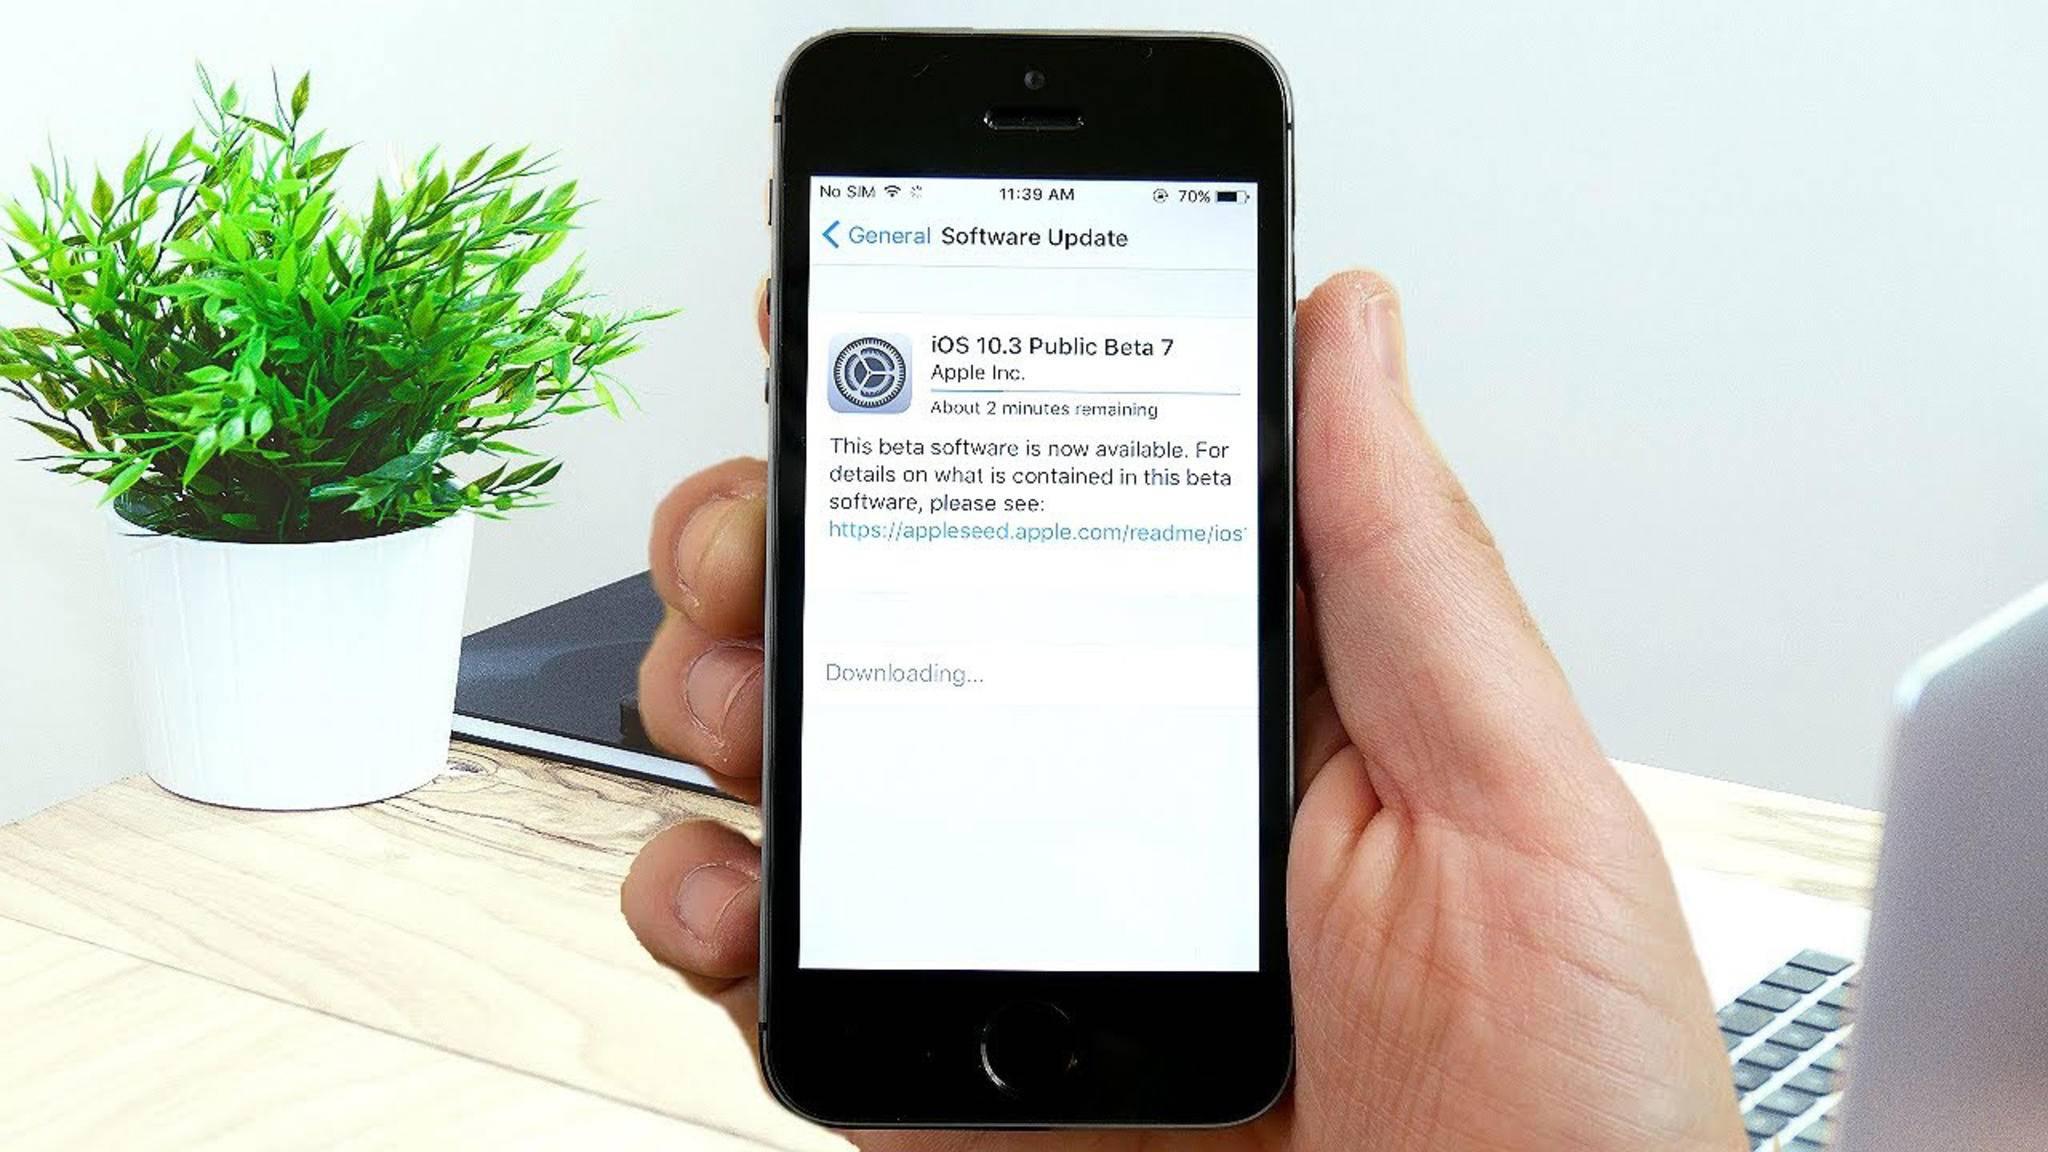 Keine Lust mehr auf Beta-Software? Dann deinstalliere das Beta-Profil auf Deinem iPhone.